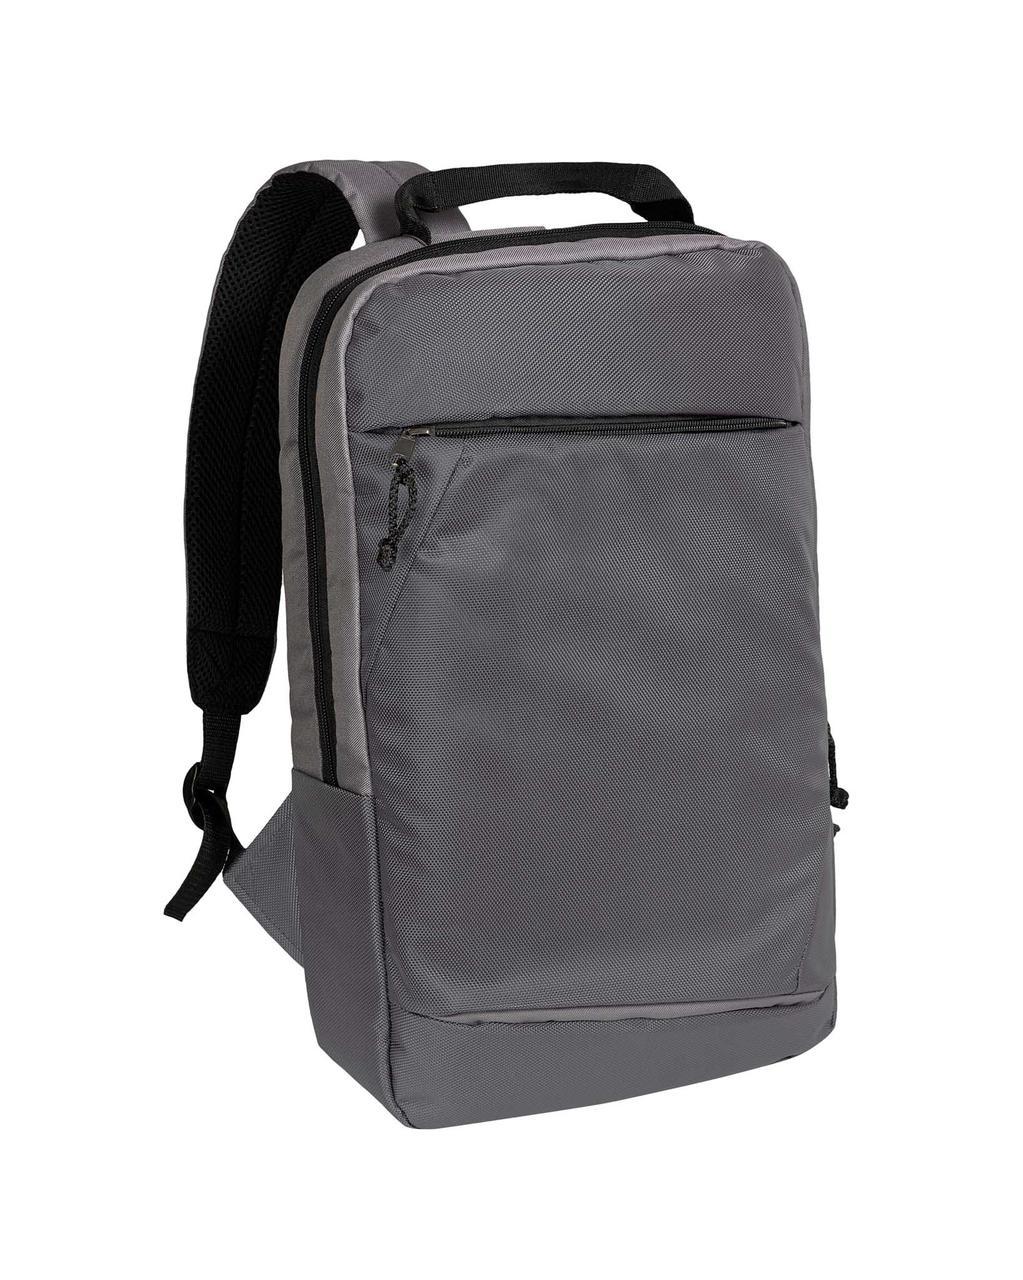 Городской рюкзак для ноутбука серый Surikat 18л. (мужские рюкзаки, жен